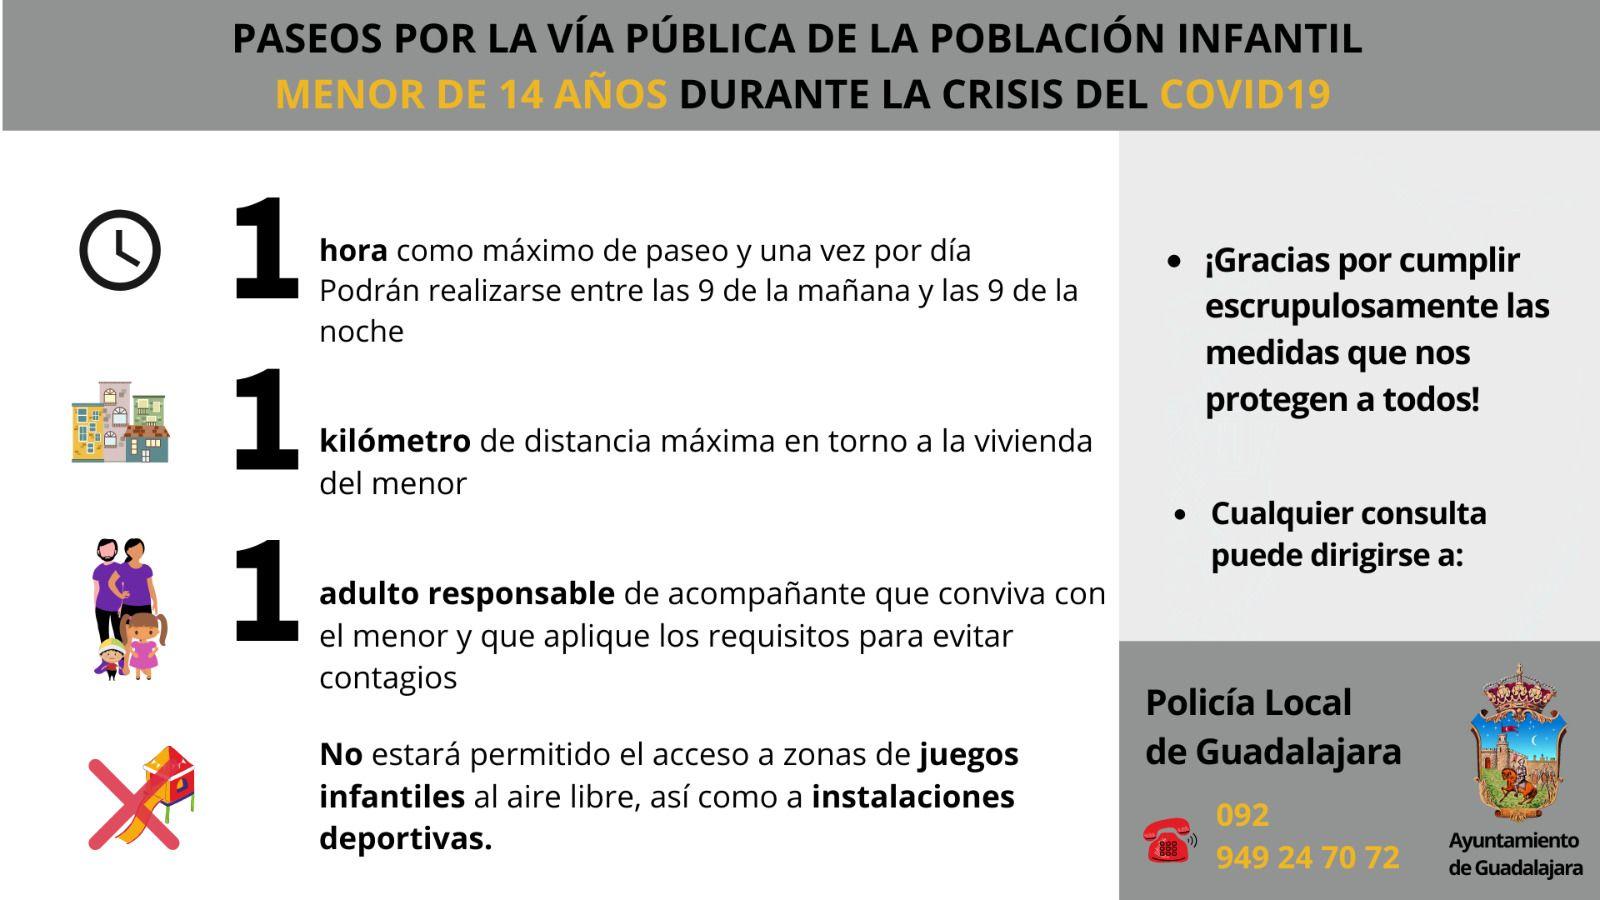 El Ayuntamiento de Guadalajara pide a la ciudadanía que cumpla escrupulosamente las pautas con las que los menores de 14 años pueden dar paseos acompañados